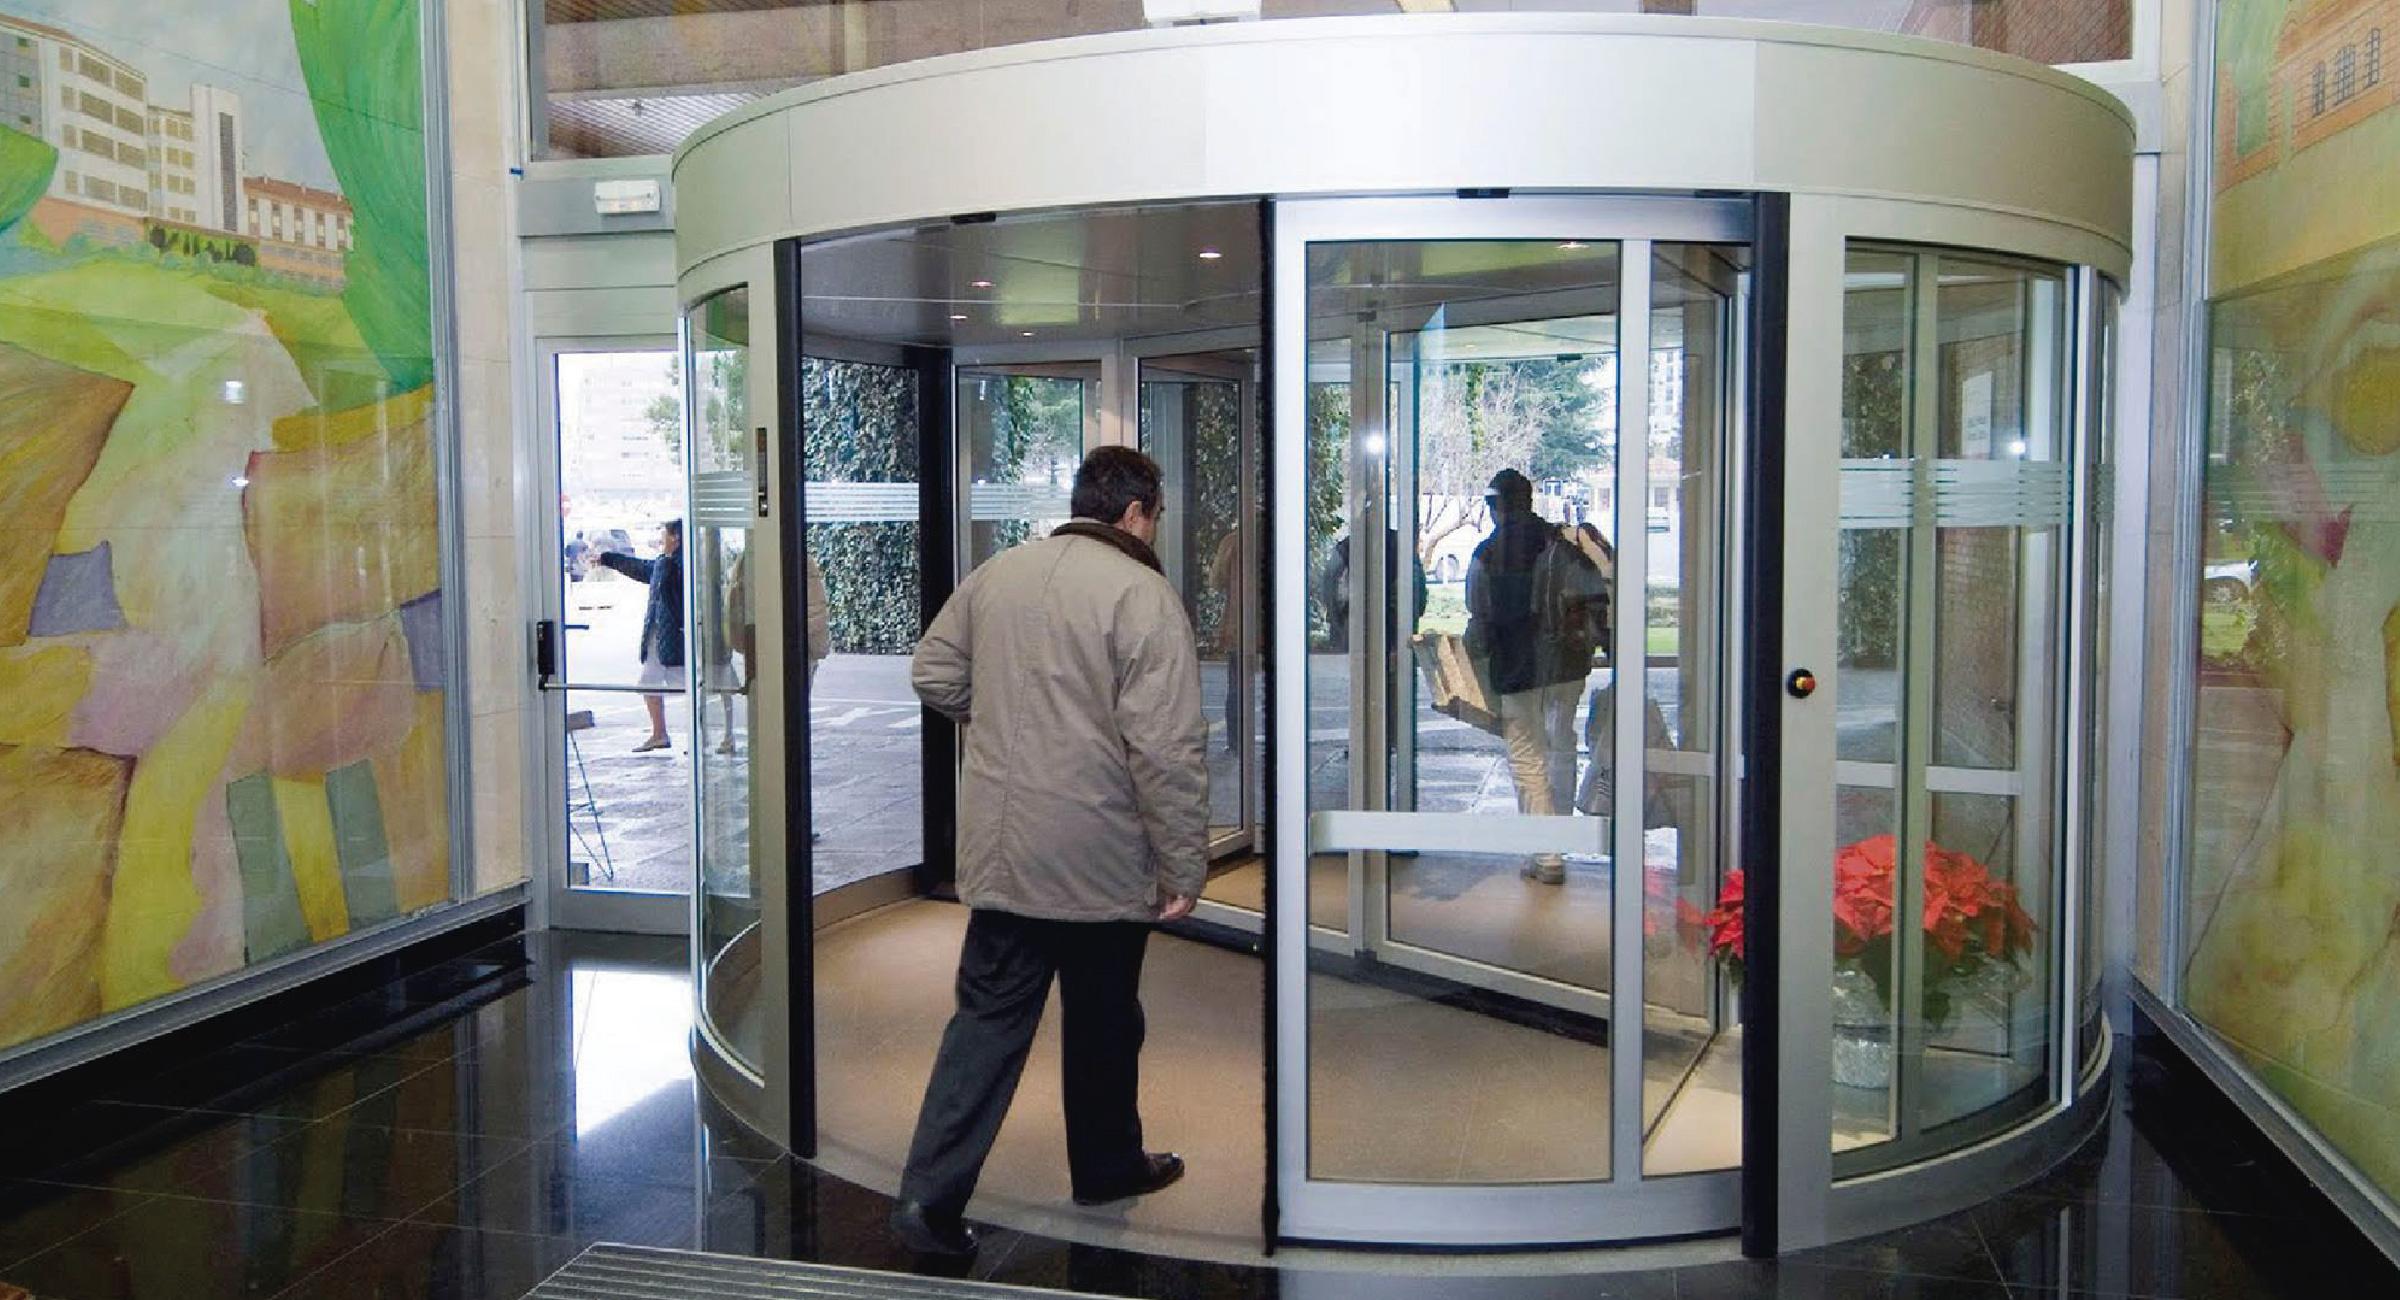 Puertas giratorias para alto flujo de gente en guadalajara for Puerta giratoria